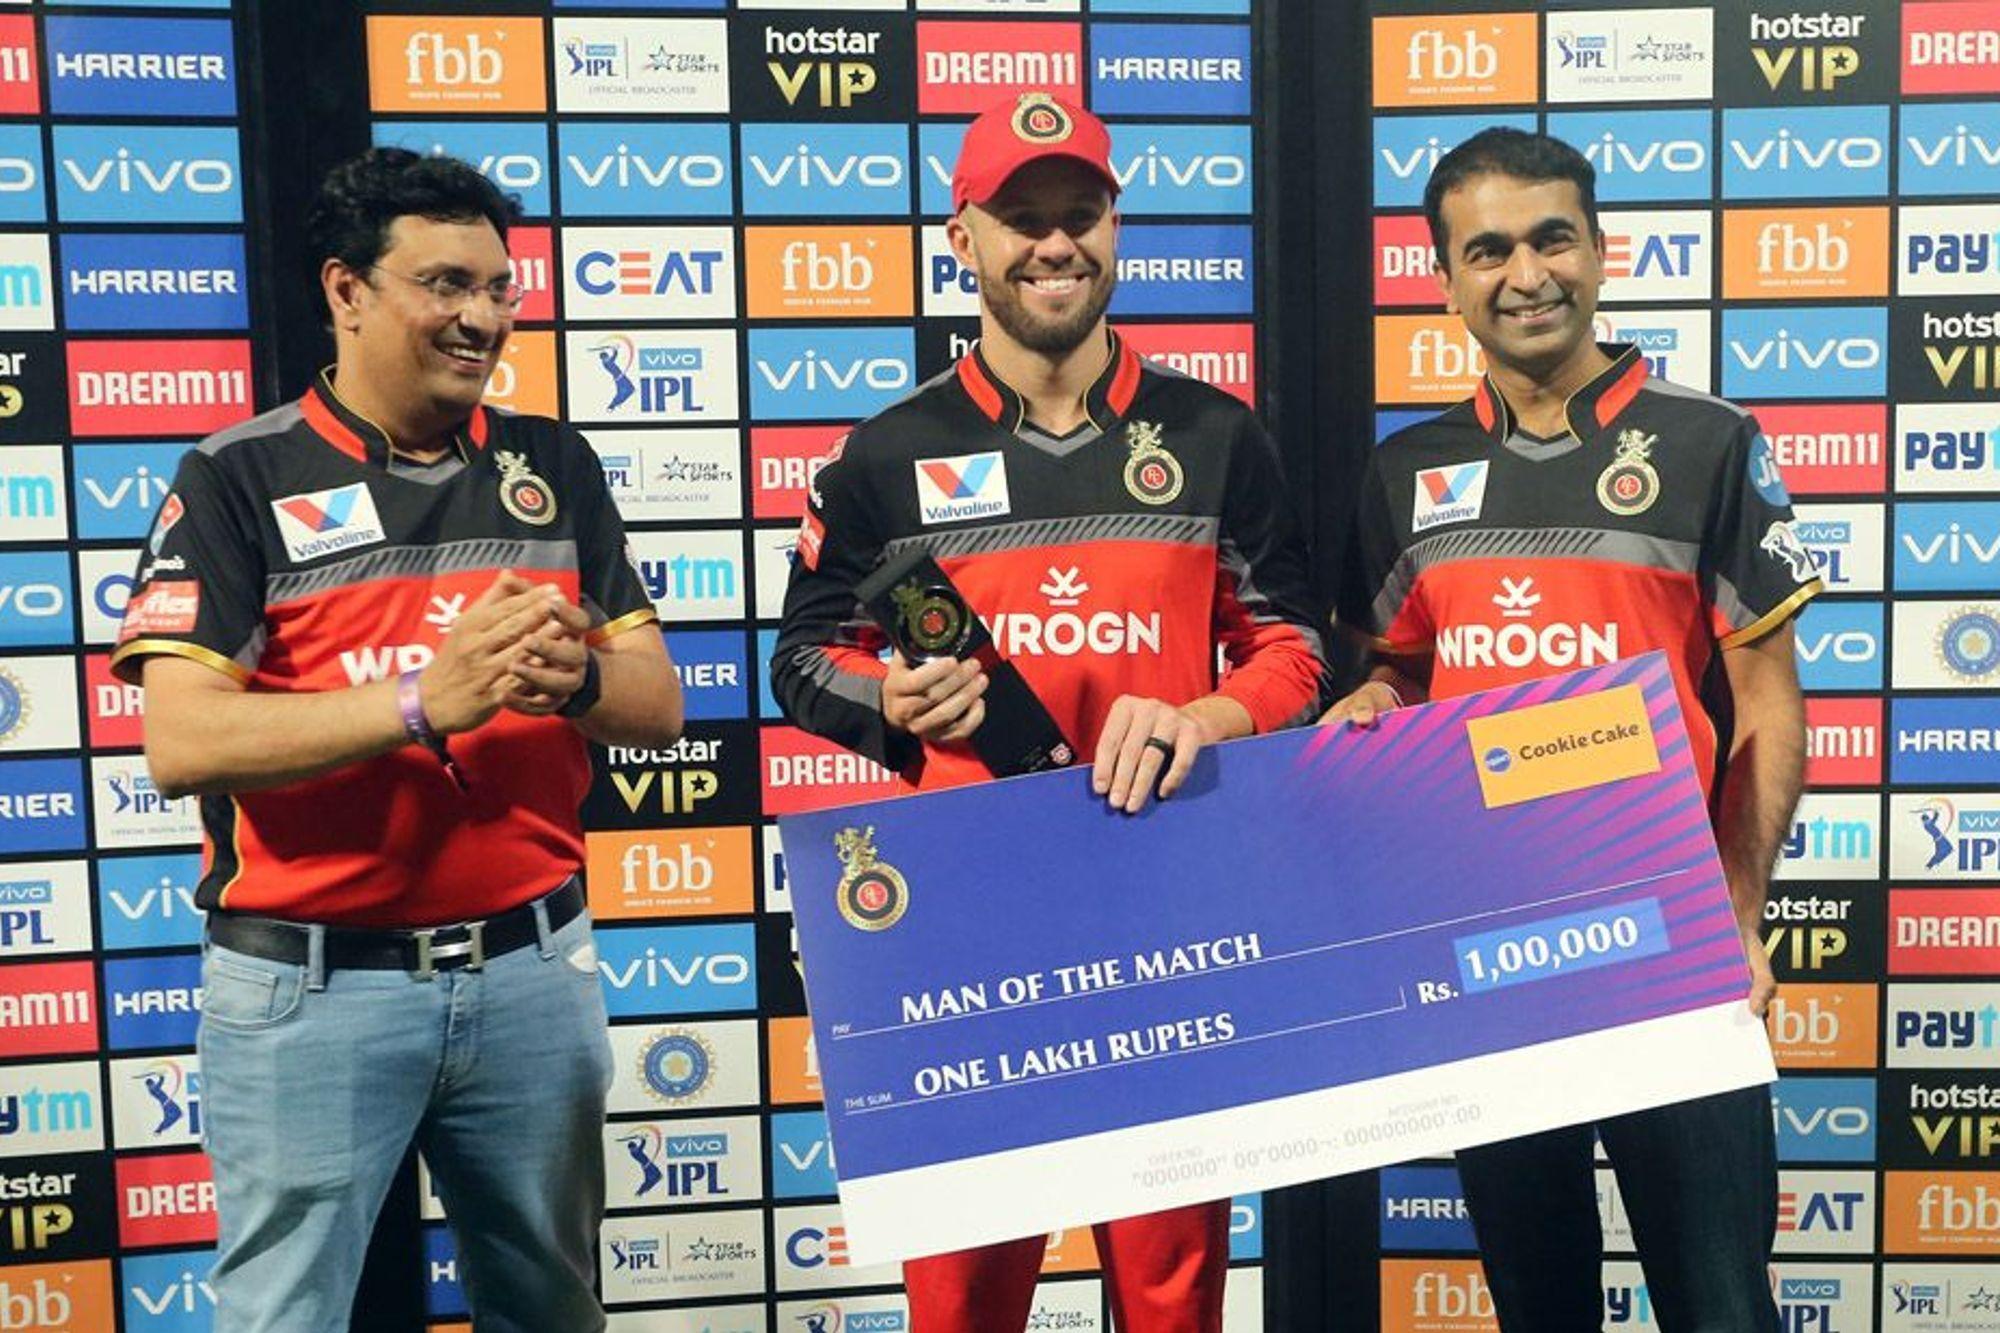 मैन ऑफ द मैच एबी डिविलियर्स ने बताया अपनी तूफानी बल्लेबाजी का असली राज 1